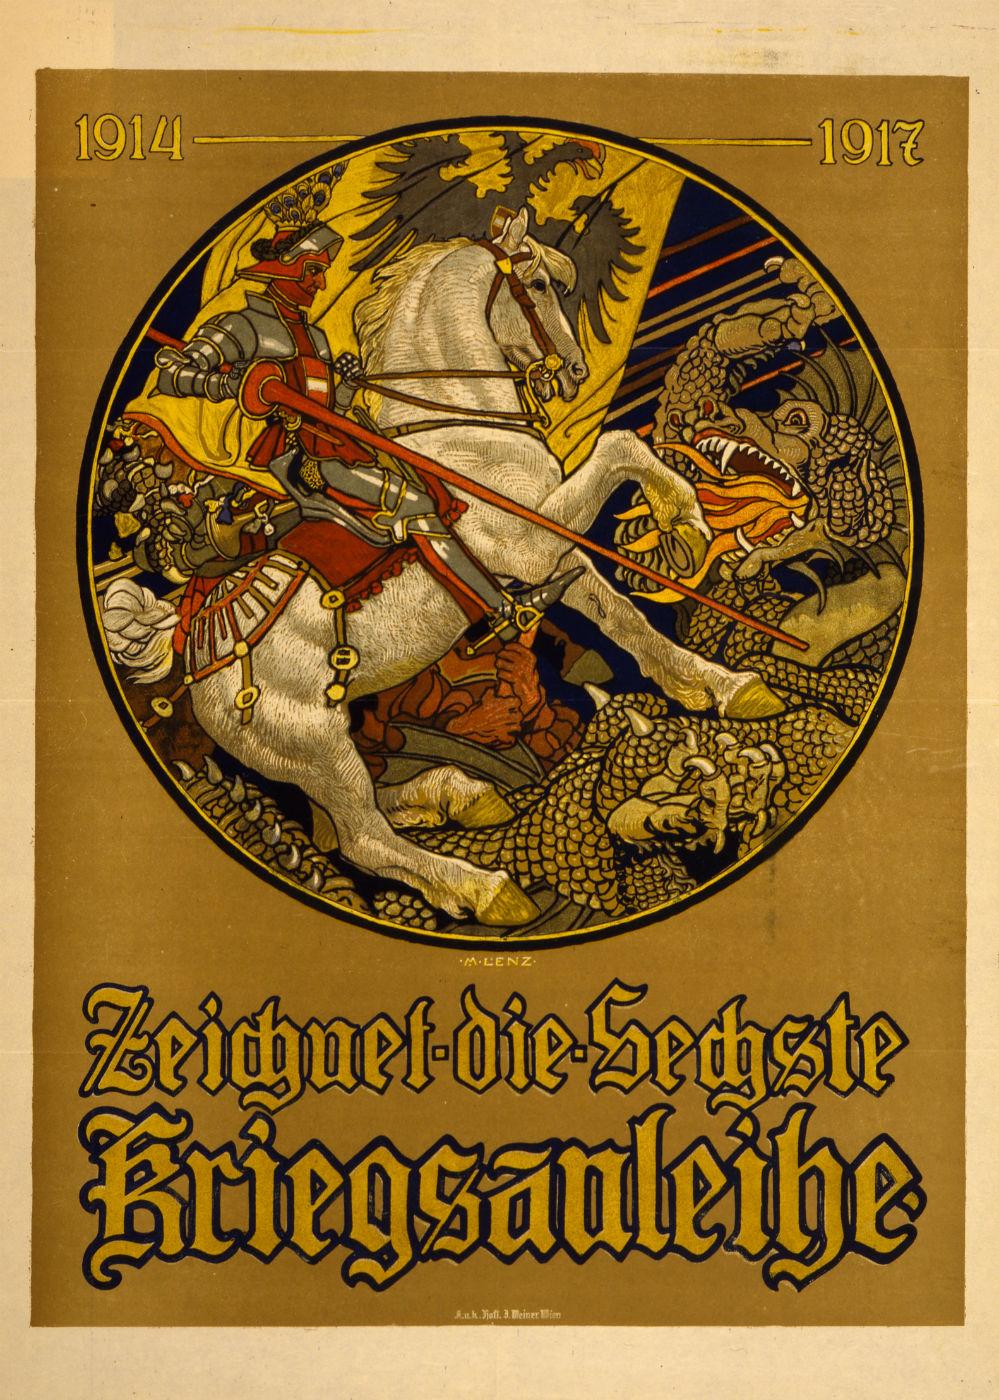 Maximilian Lenz - 1917 - Zeichnet die sechste Kriegsanleihe